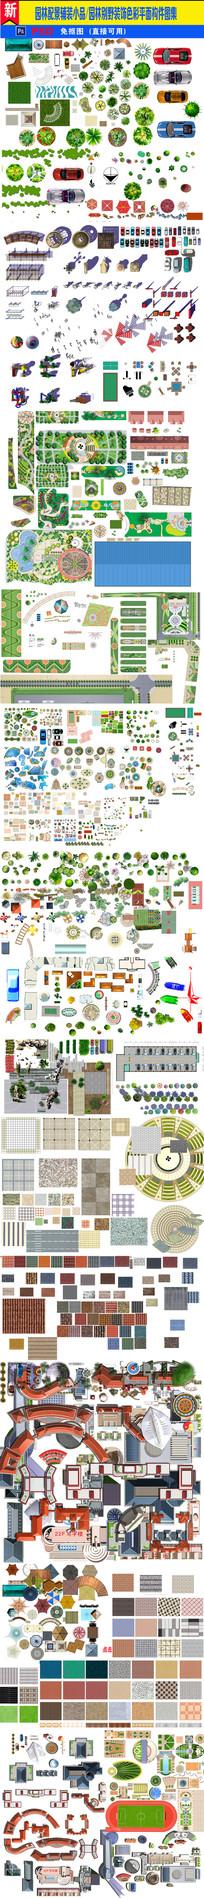 园林配景辅装小品绿化素材集